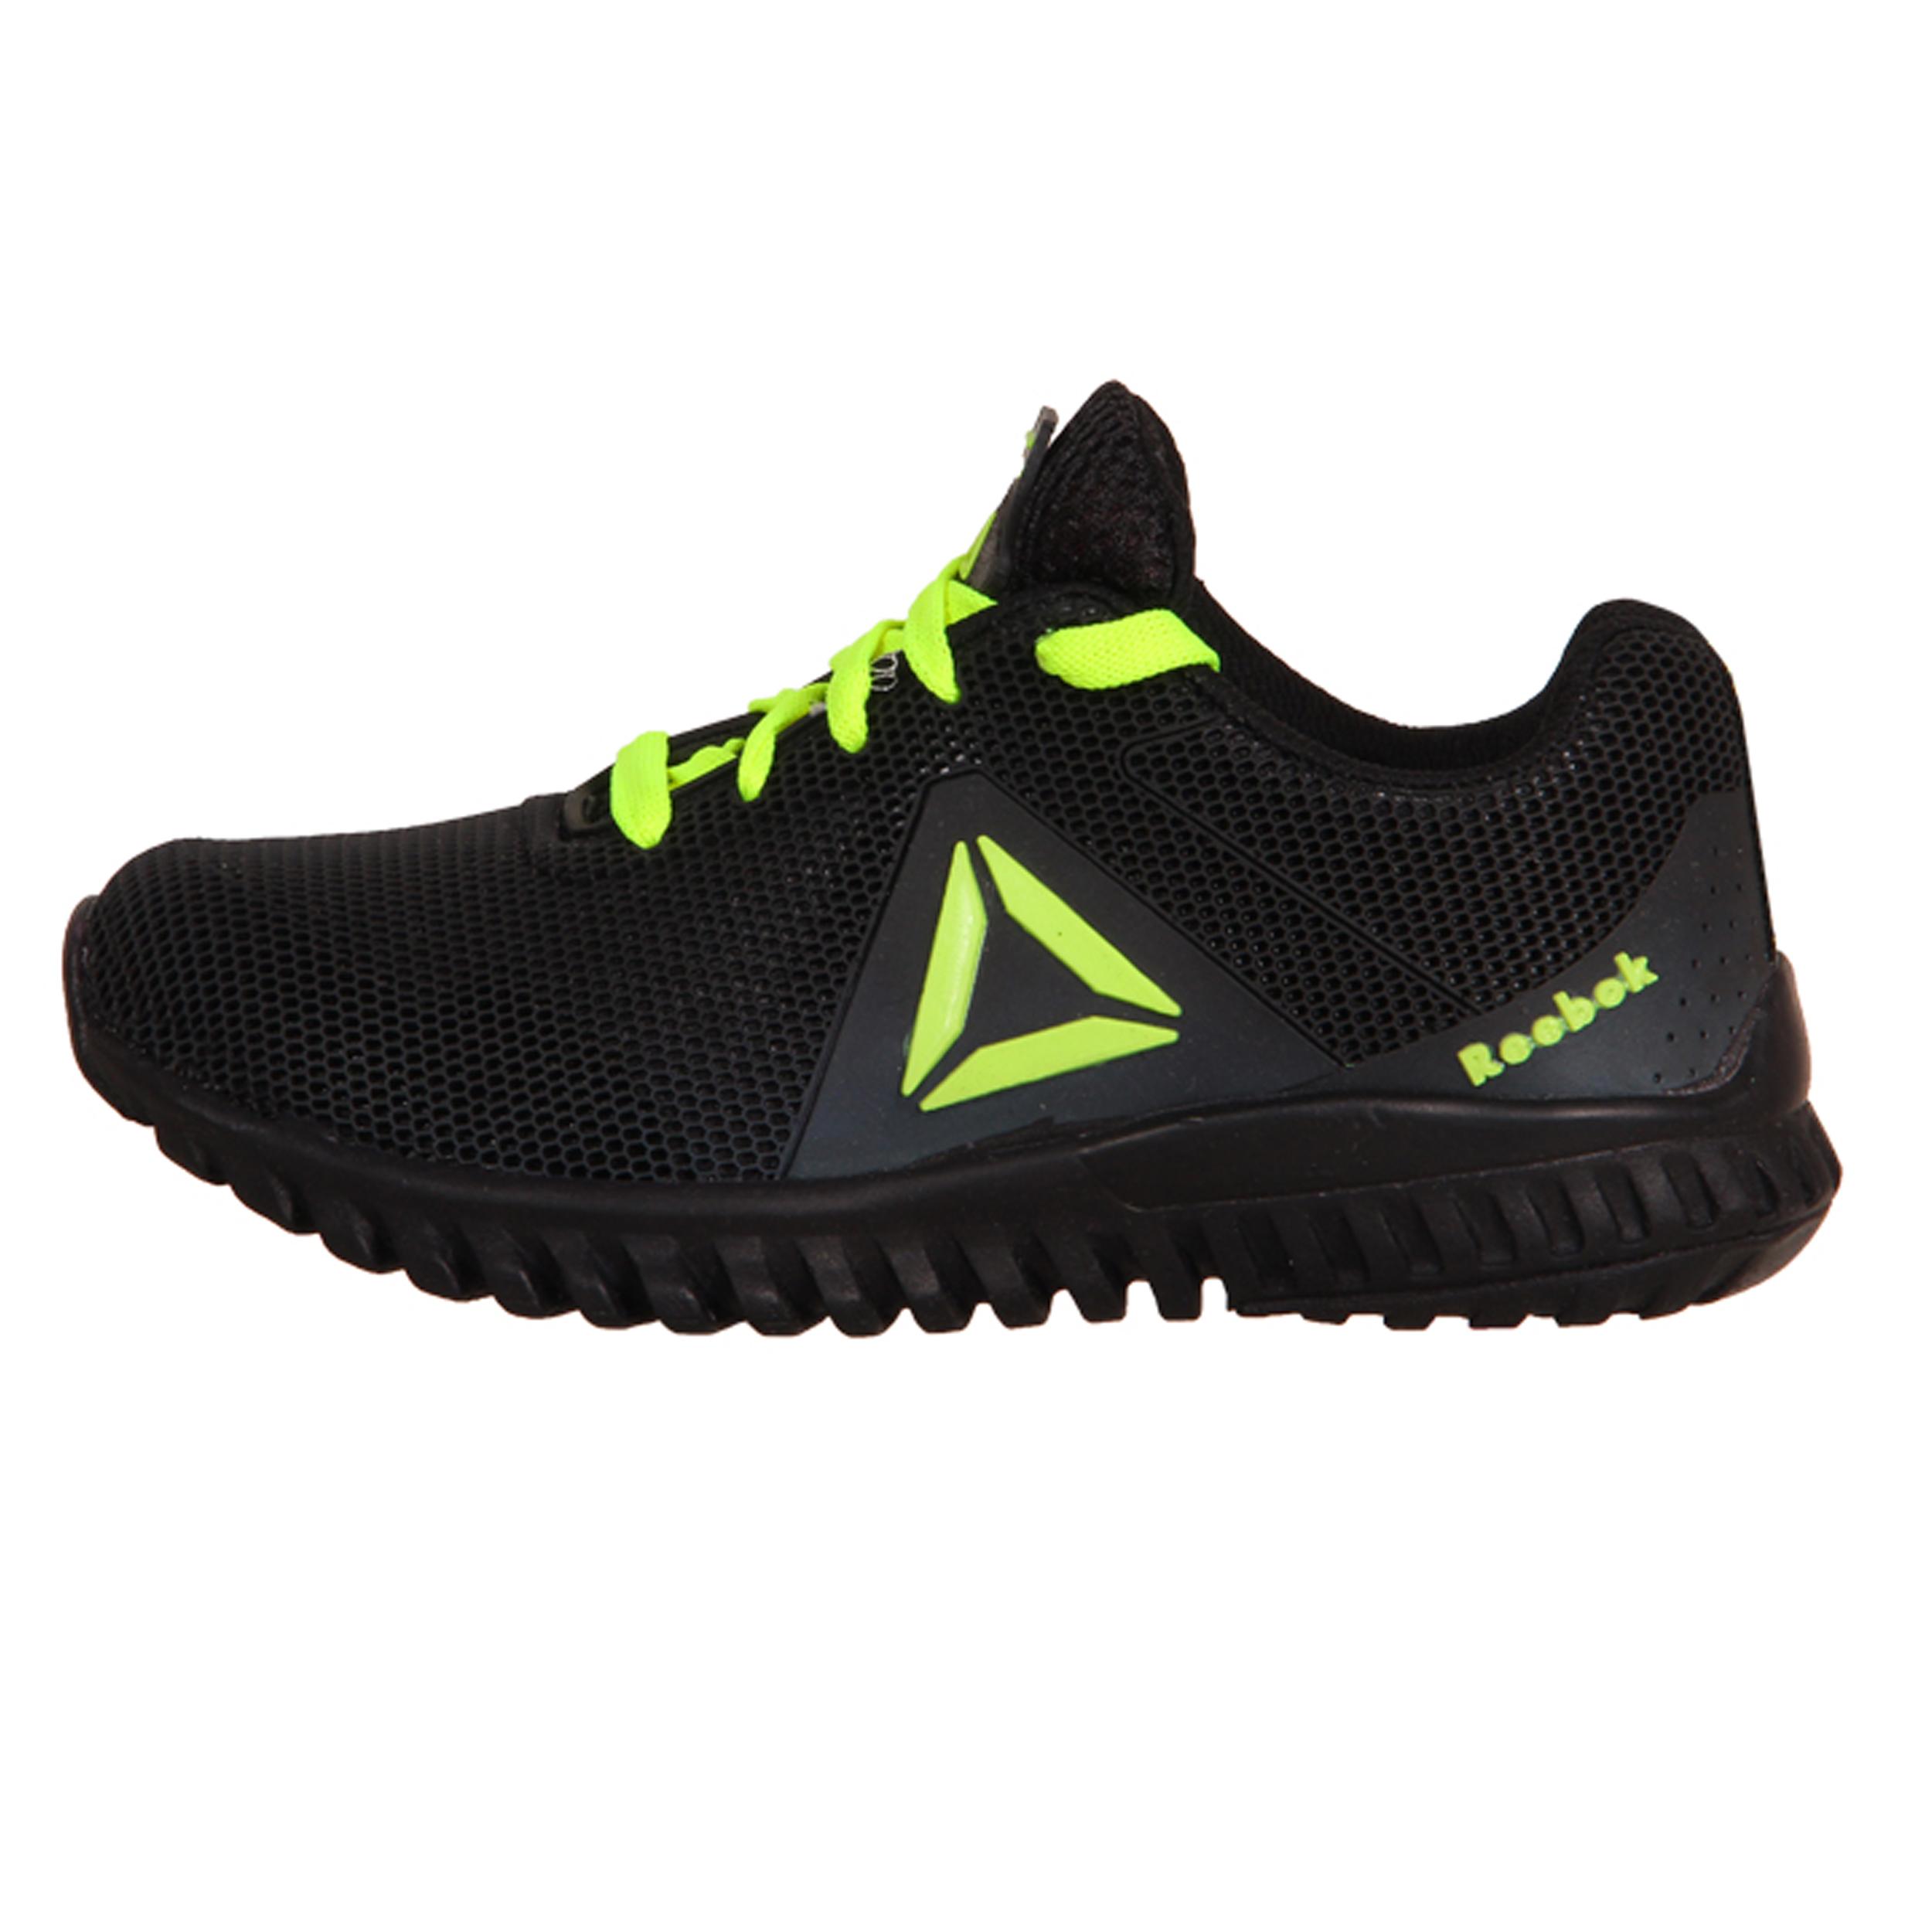 کفش مخصوص پیاده روی زنانه کد 137-1396151